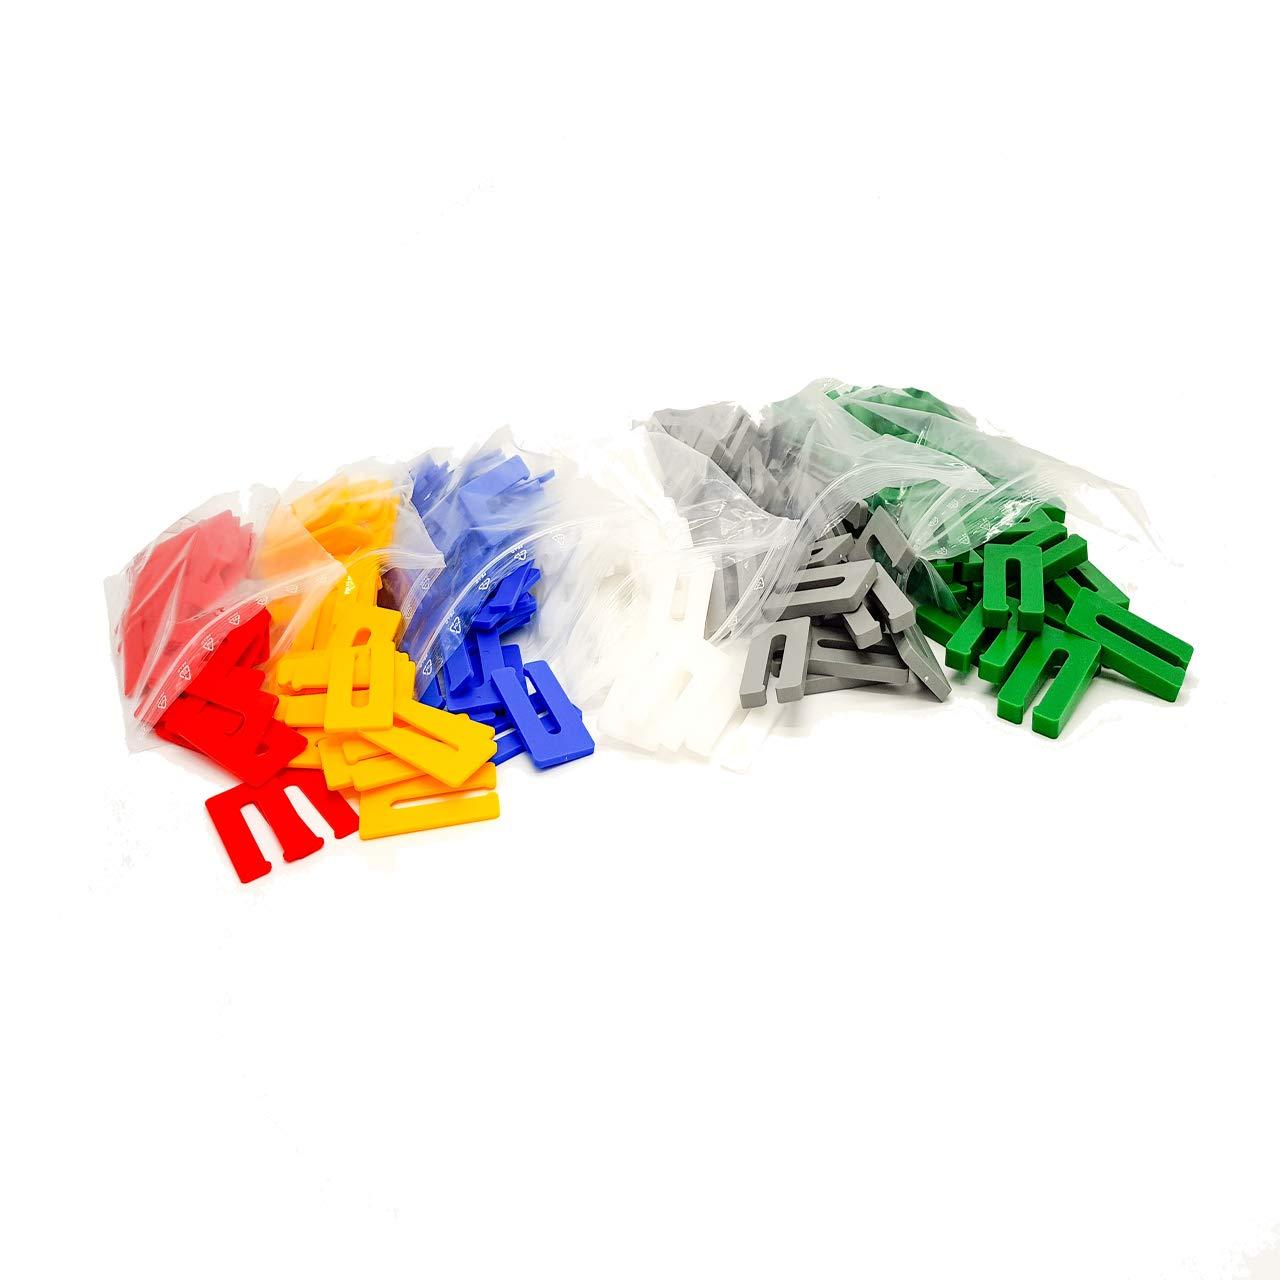 1 x Set je 50 St. 1, 2, 3, 4, 6, 8 mm Verglasungskl/ötze Distanzst/ück Ausgleichspl/ättchen Montagekeile Unterlegplatte